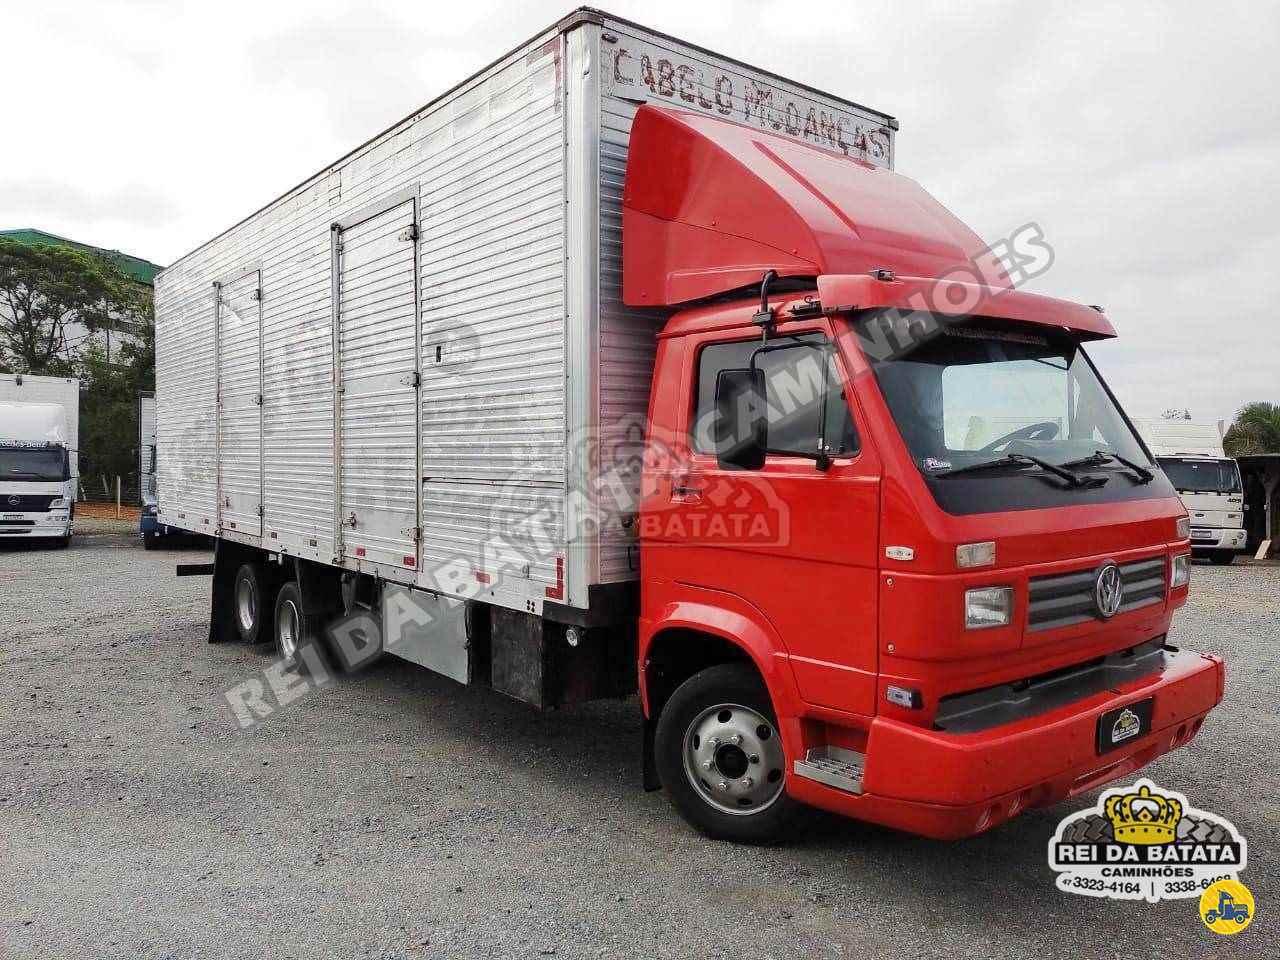 CAMINHAO VOLKSWAGEN VW 8140 Baú Furgão 3/4 6x2 Rei da Batata Caminhões BLUMENAU SANTA CATARINA SC